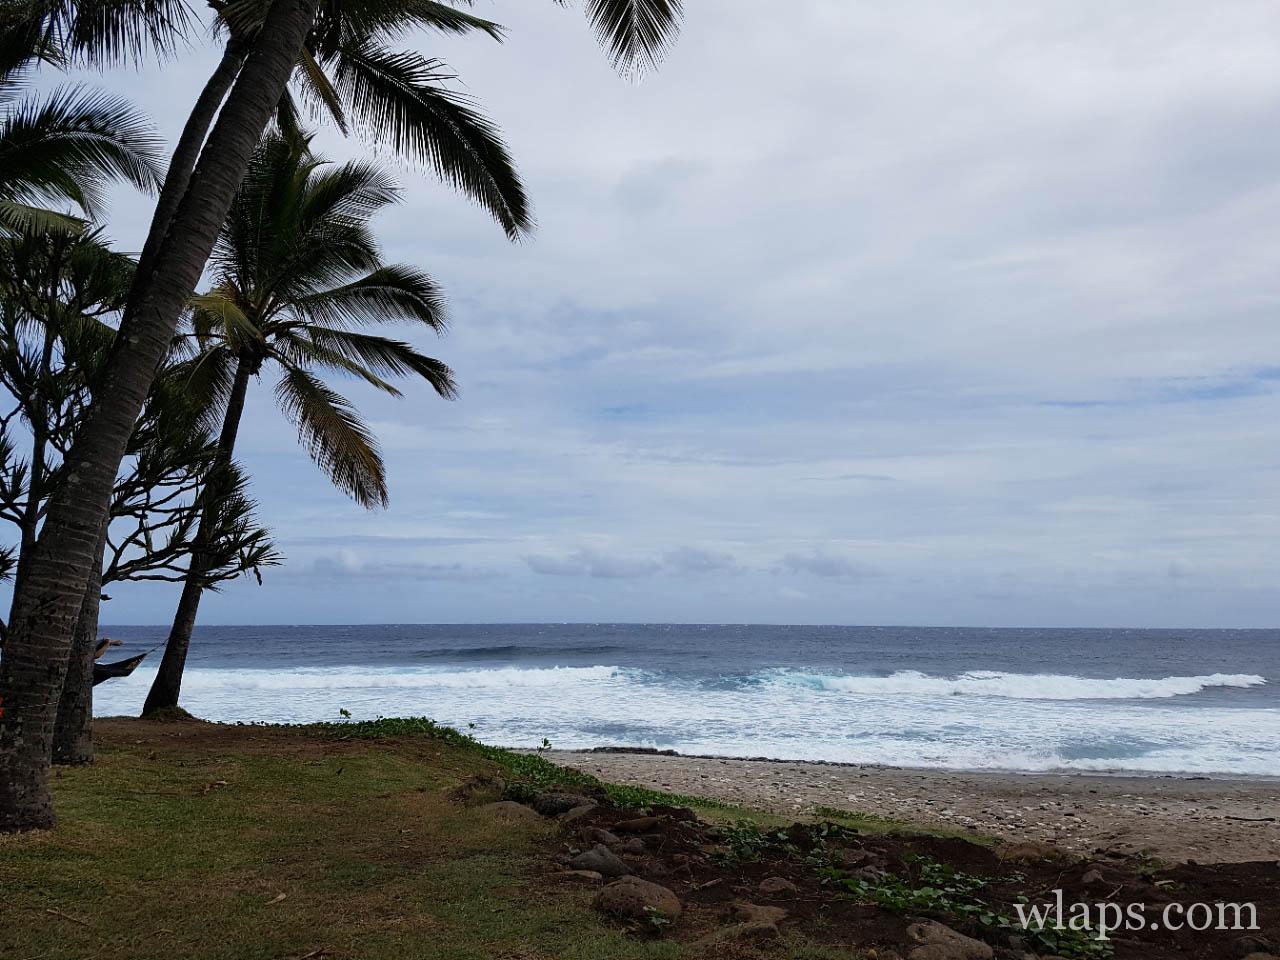 La plage de Grande Anse à La Réunion